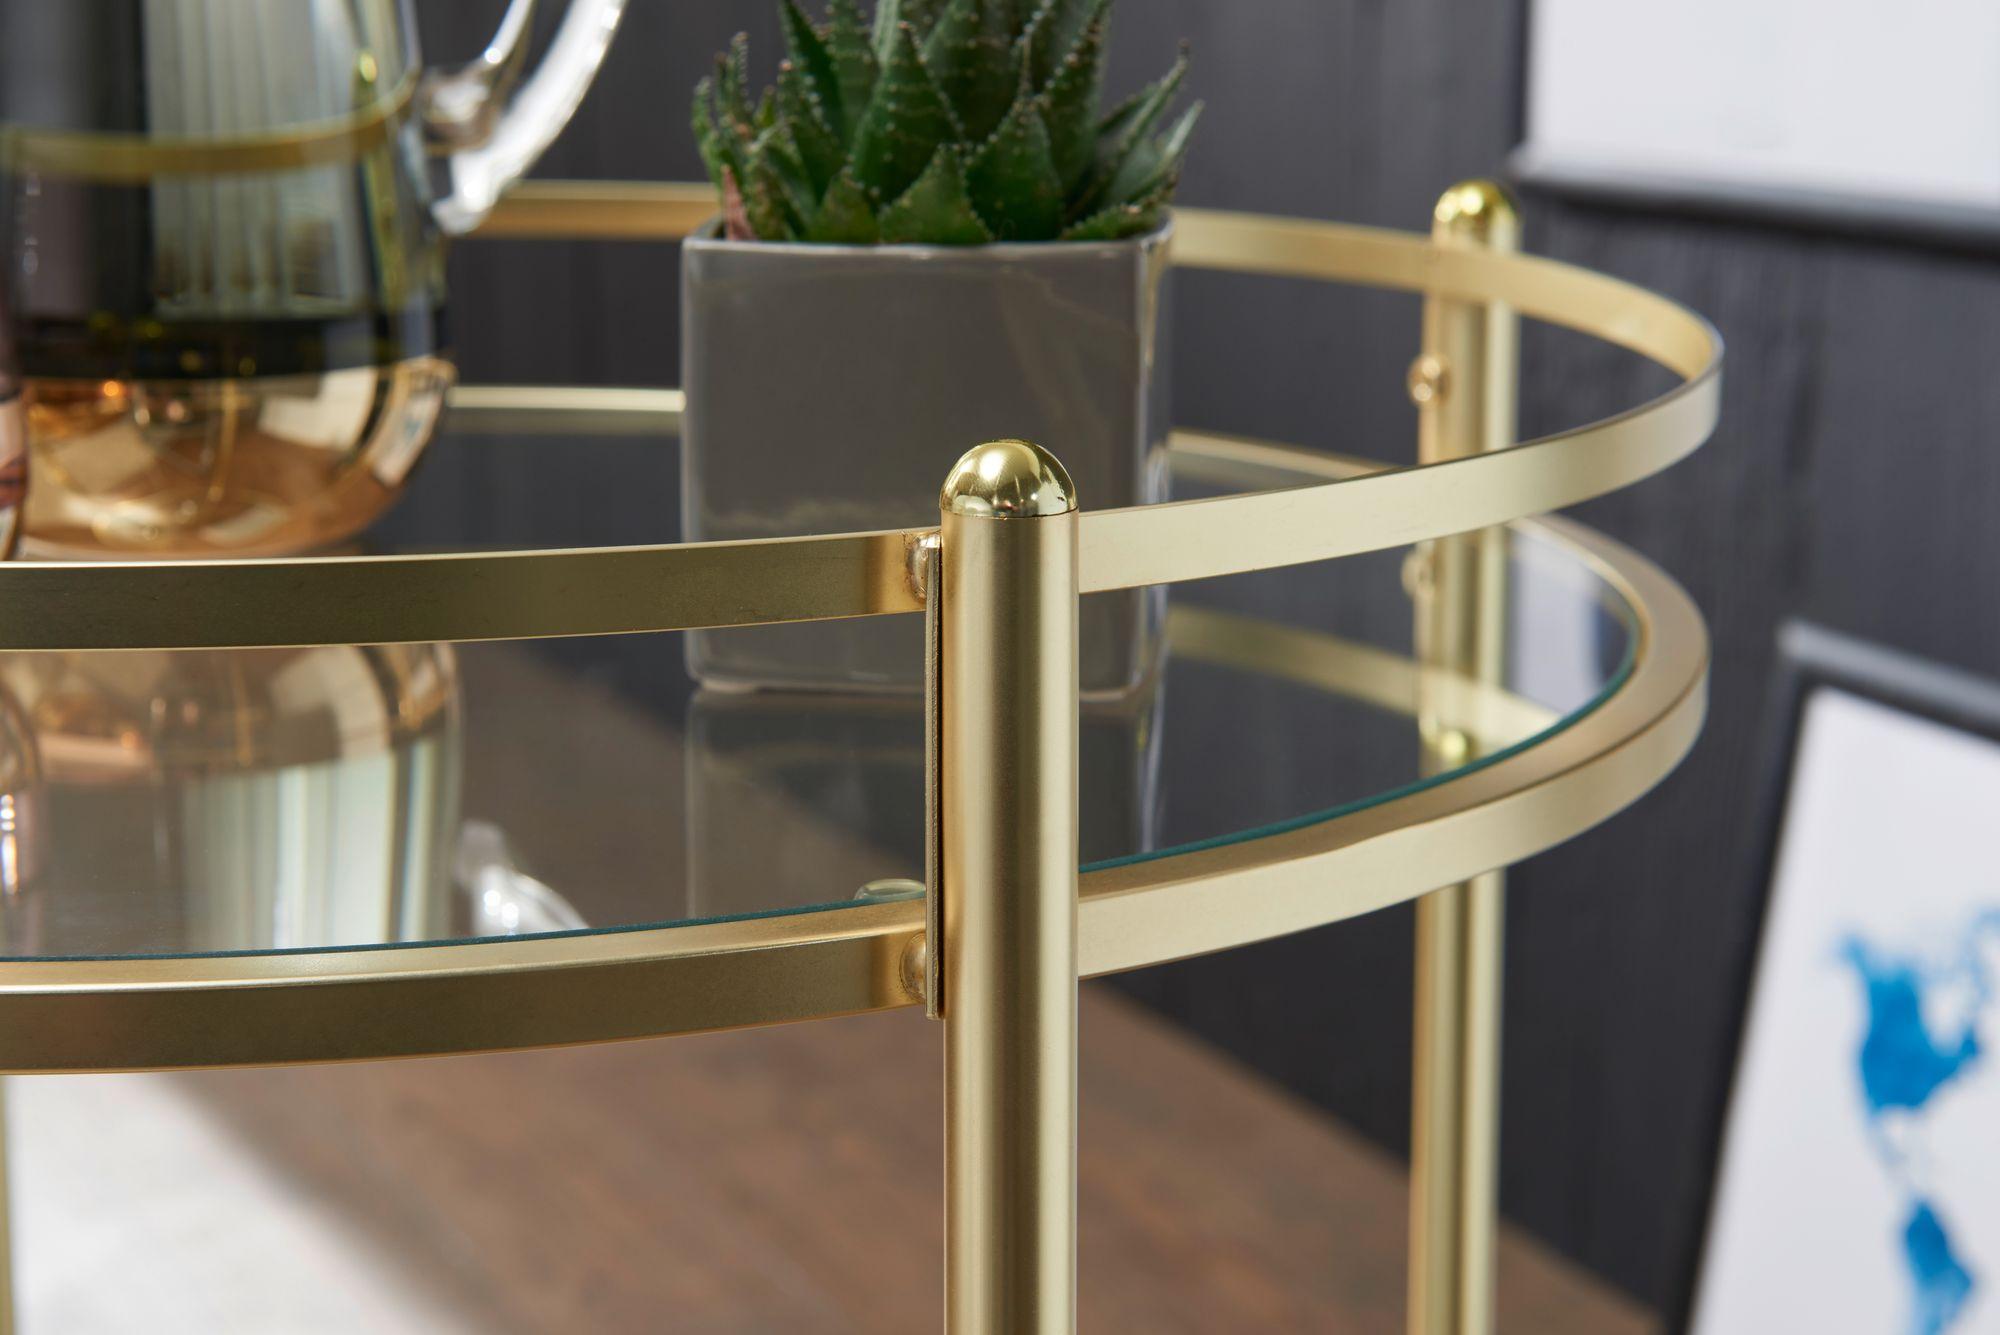 Wohnling Servierwagen Gold ø 57 Cm Beistelltisch Teewagen Mit Rollen